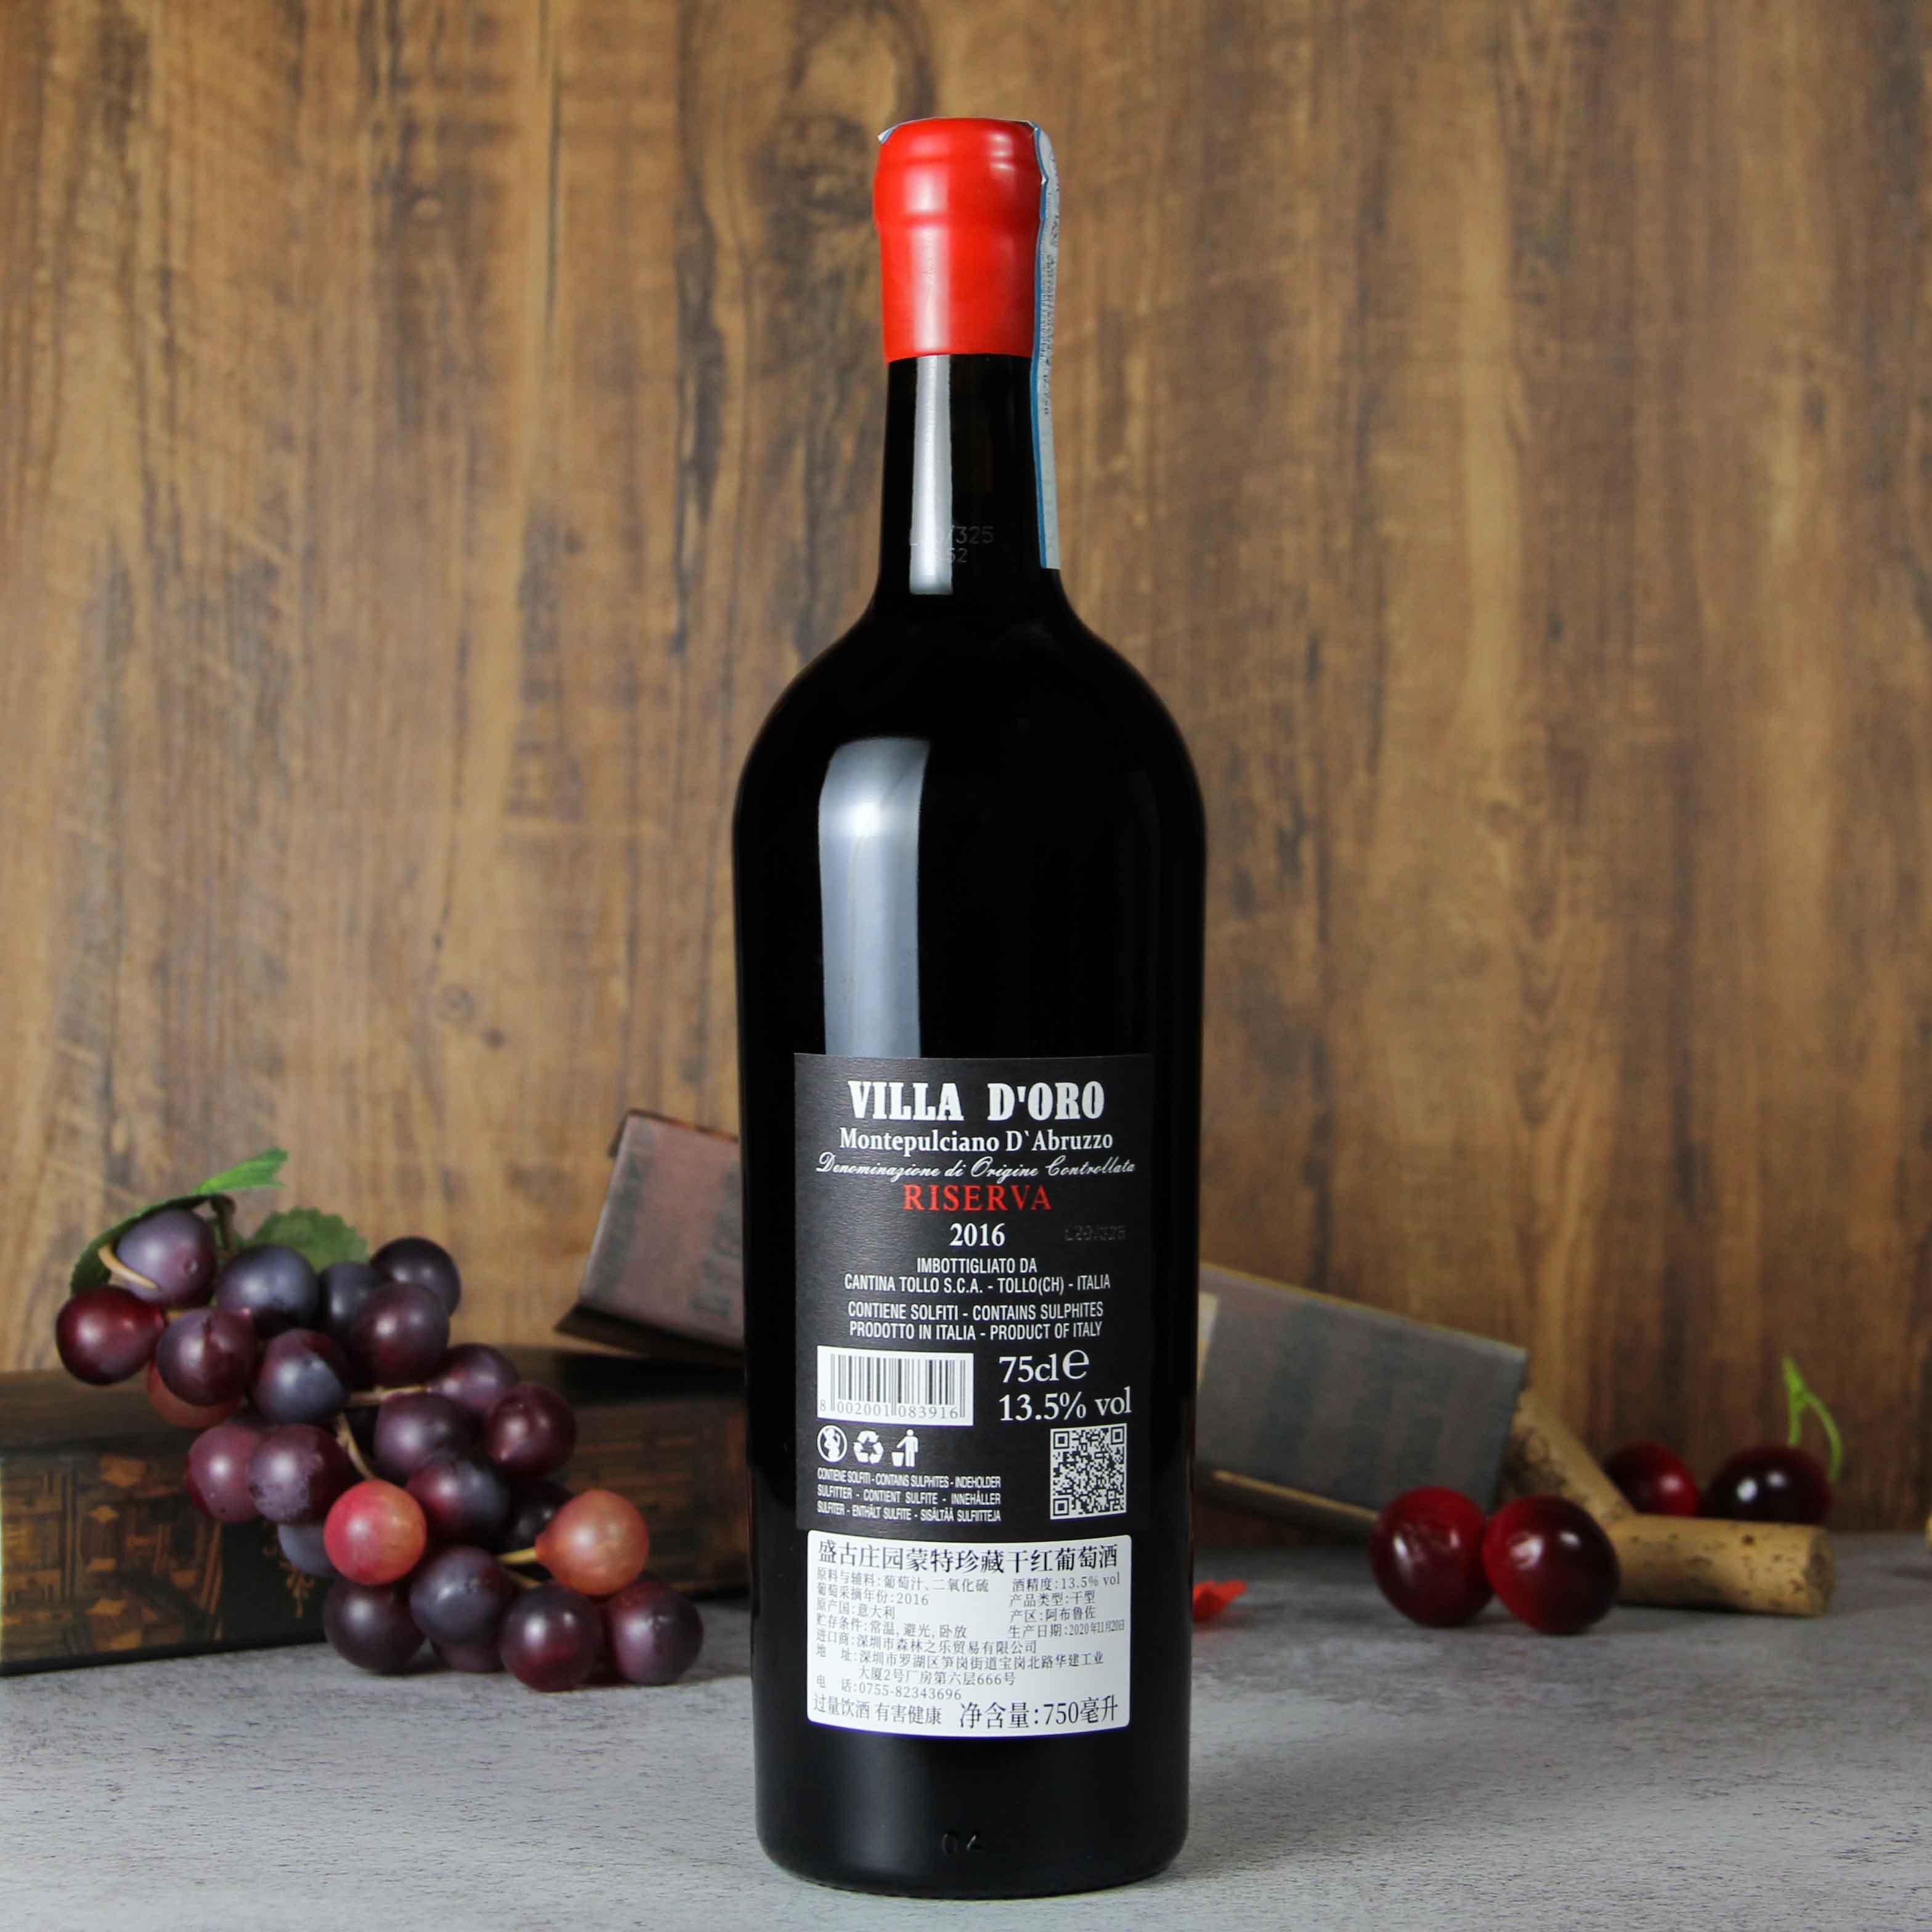 意大利阿布鲁佐珍藏蒙特普齐亚诺红葡萄酒红酒2016